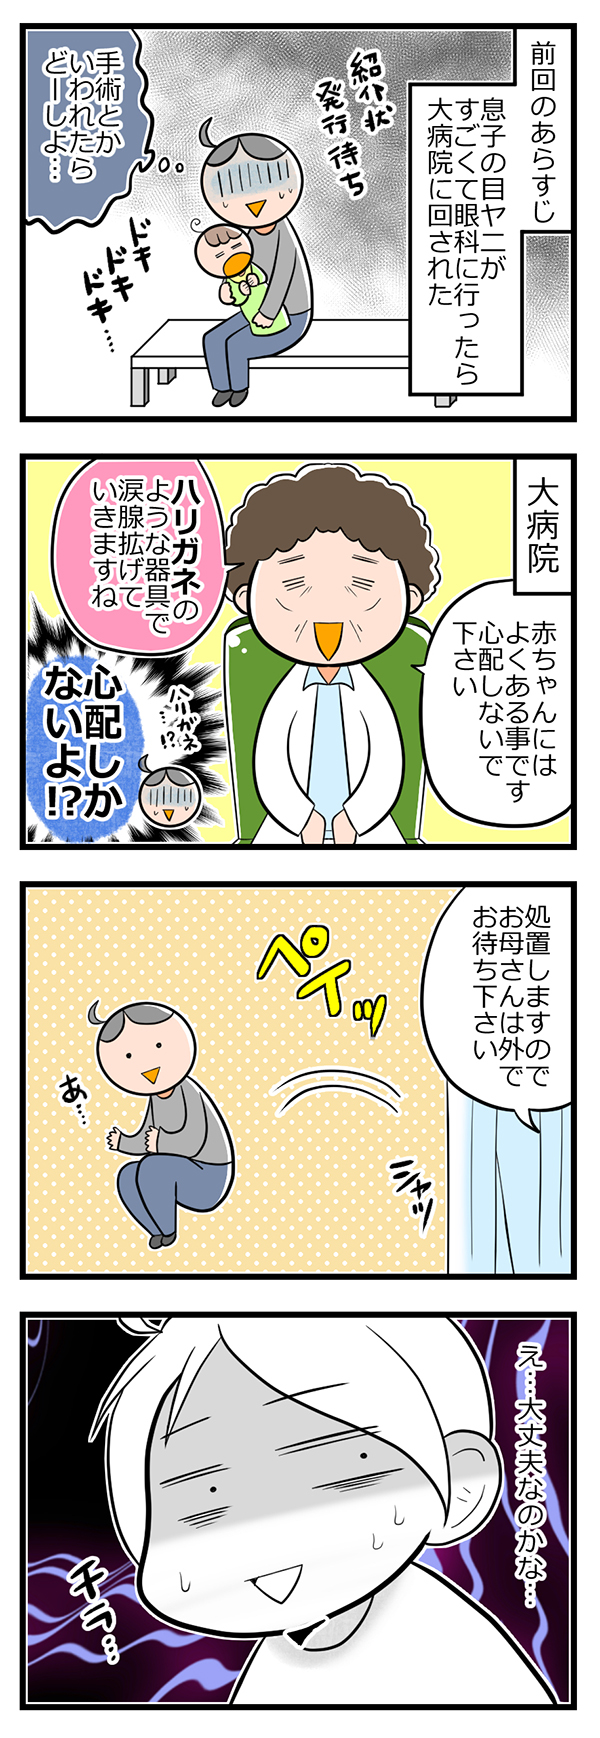 ヲタママだっていーじゃない!